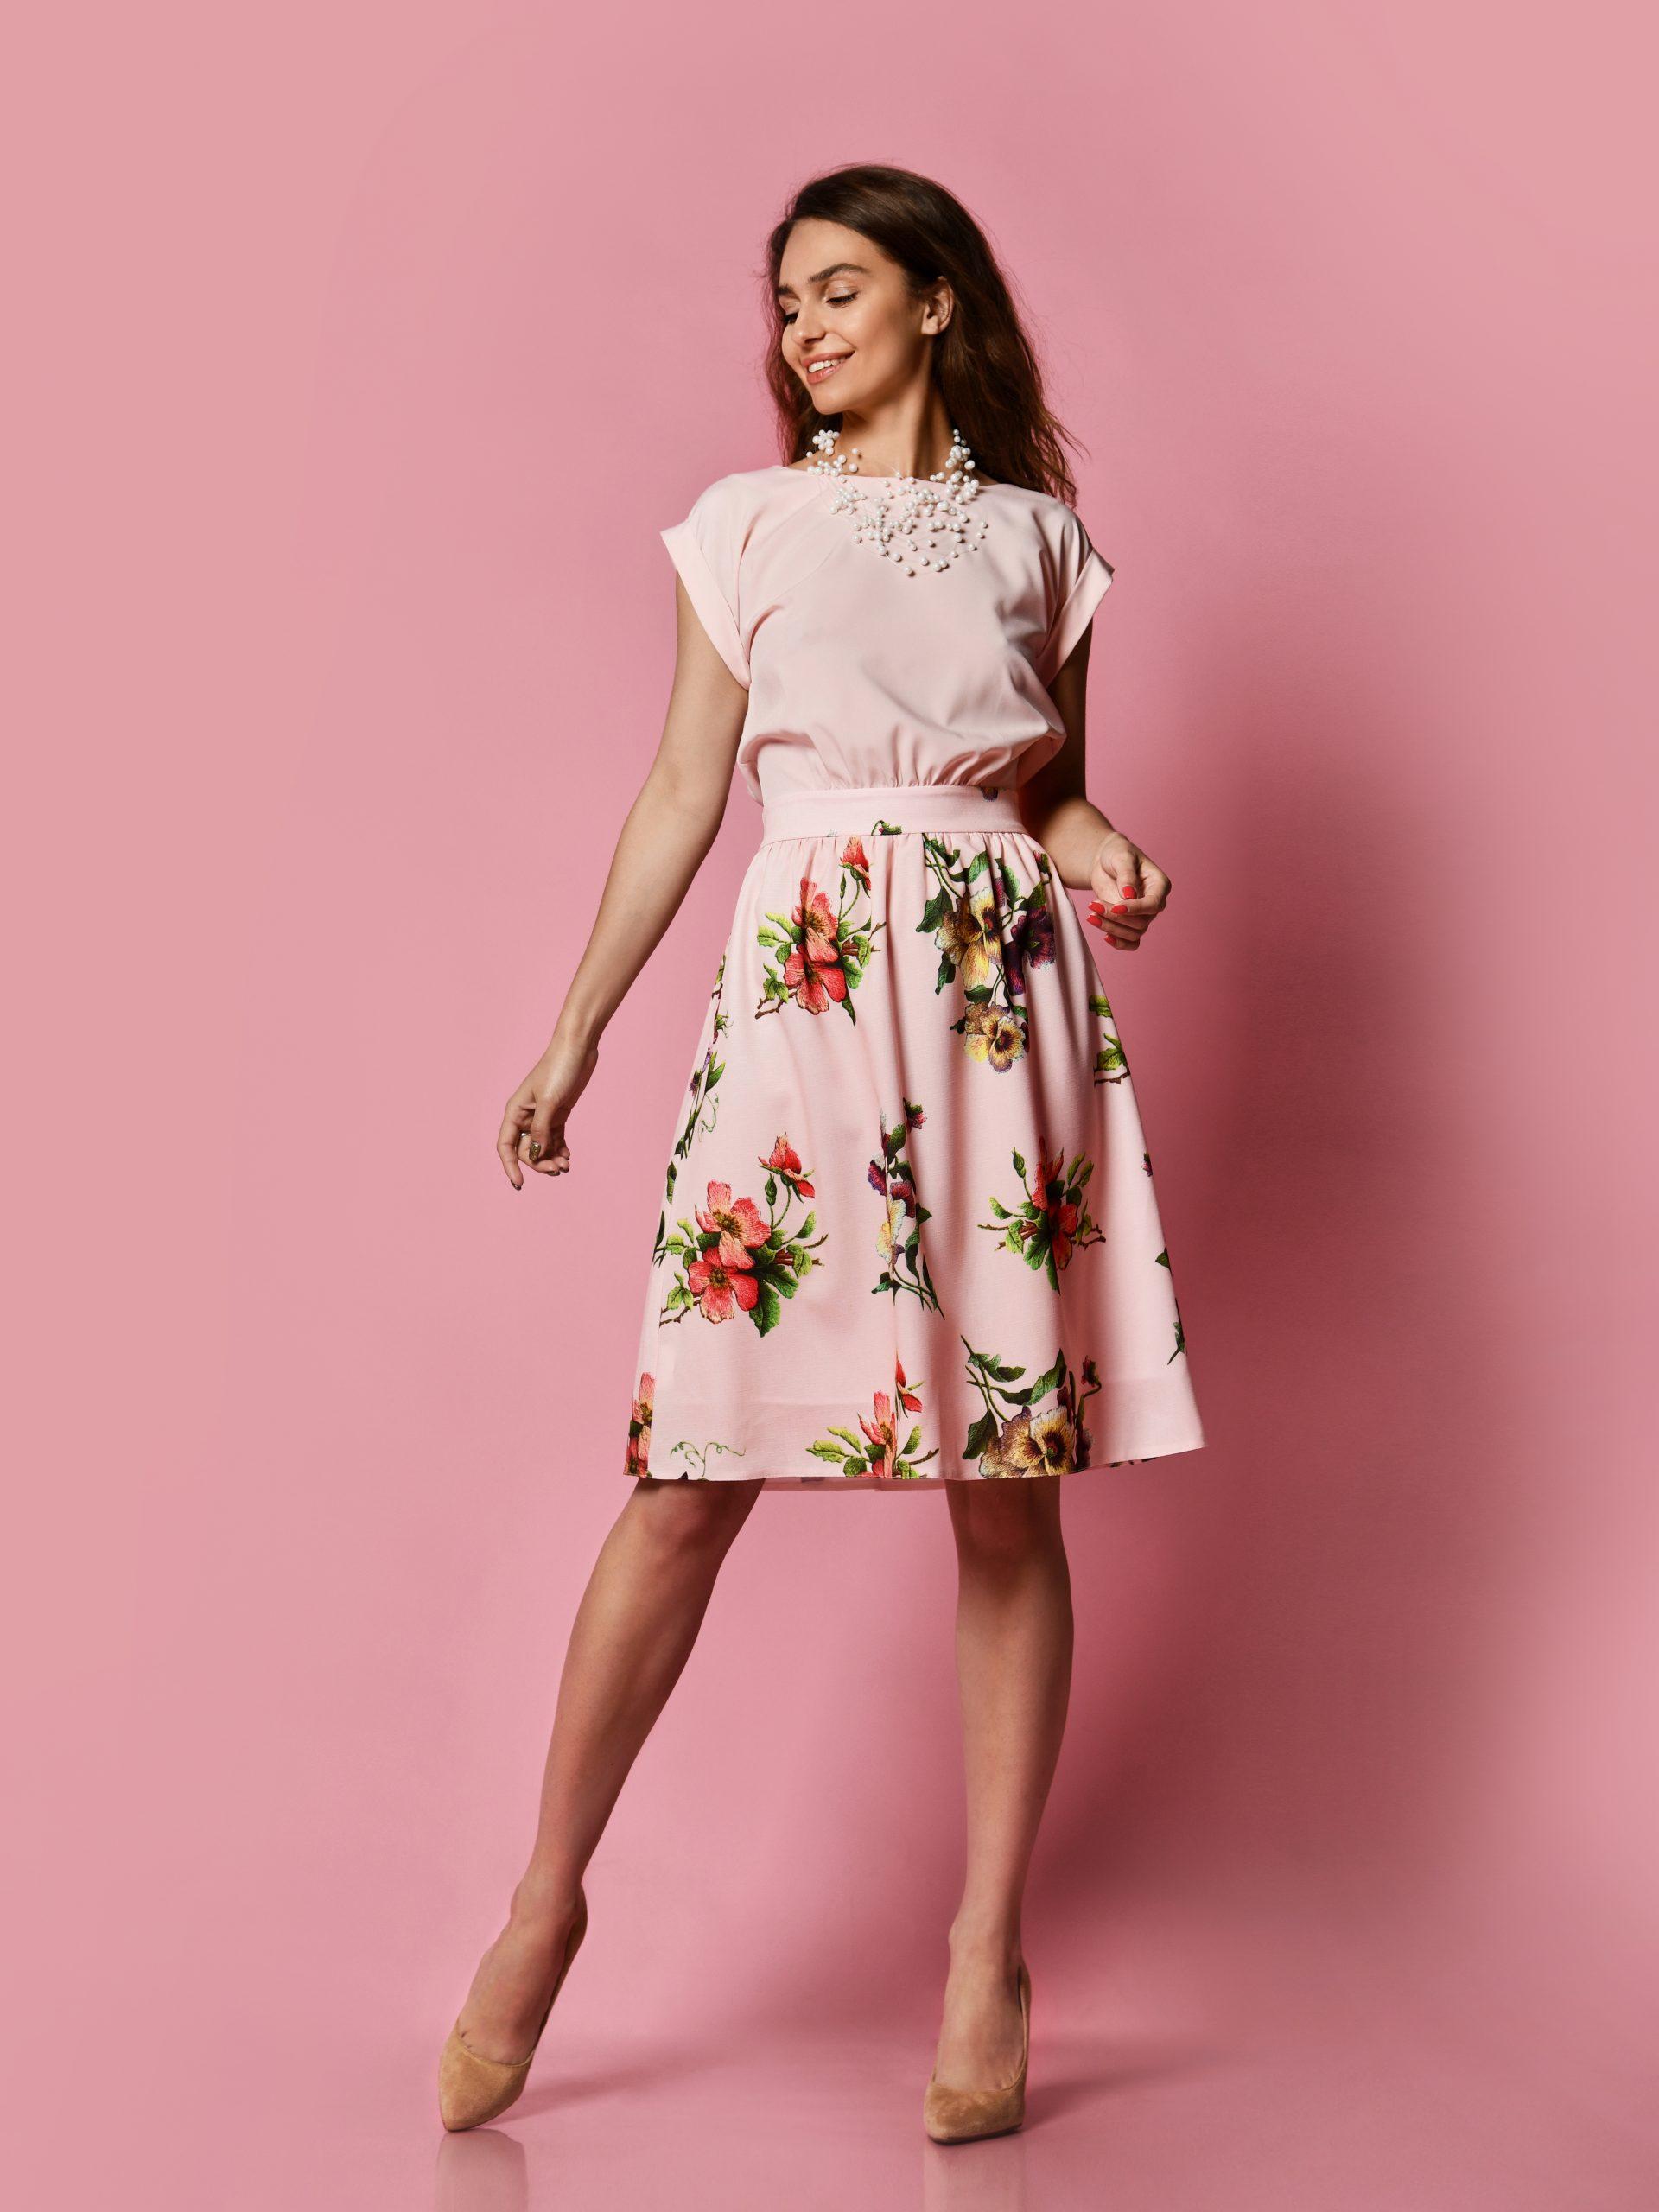 spódnica i bluzka w podobnym kolorze